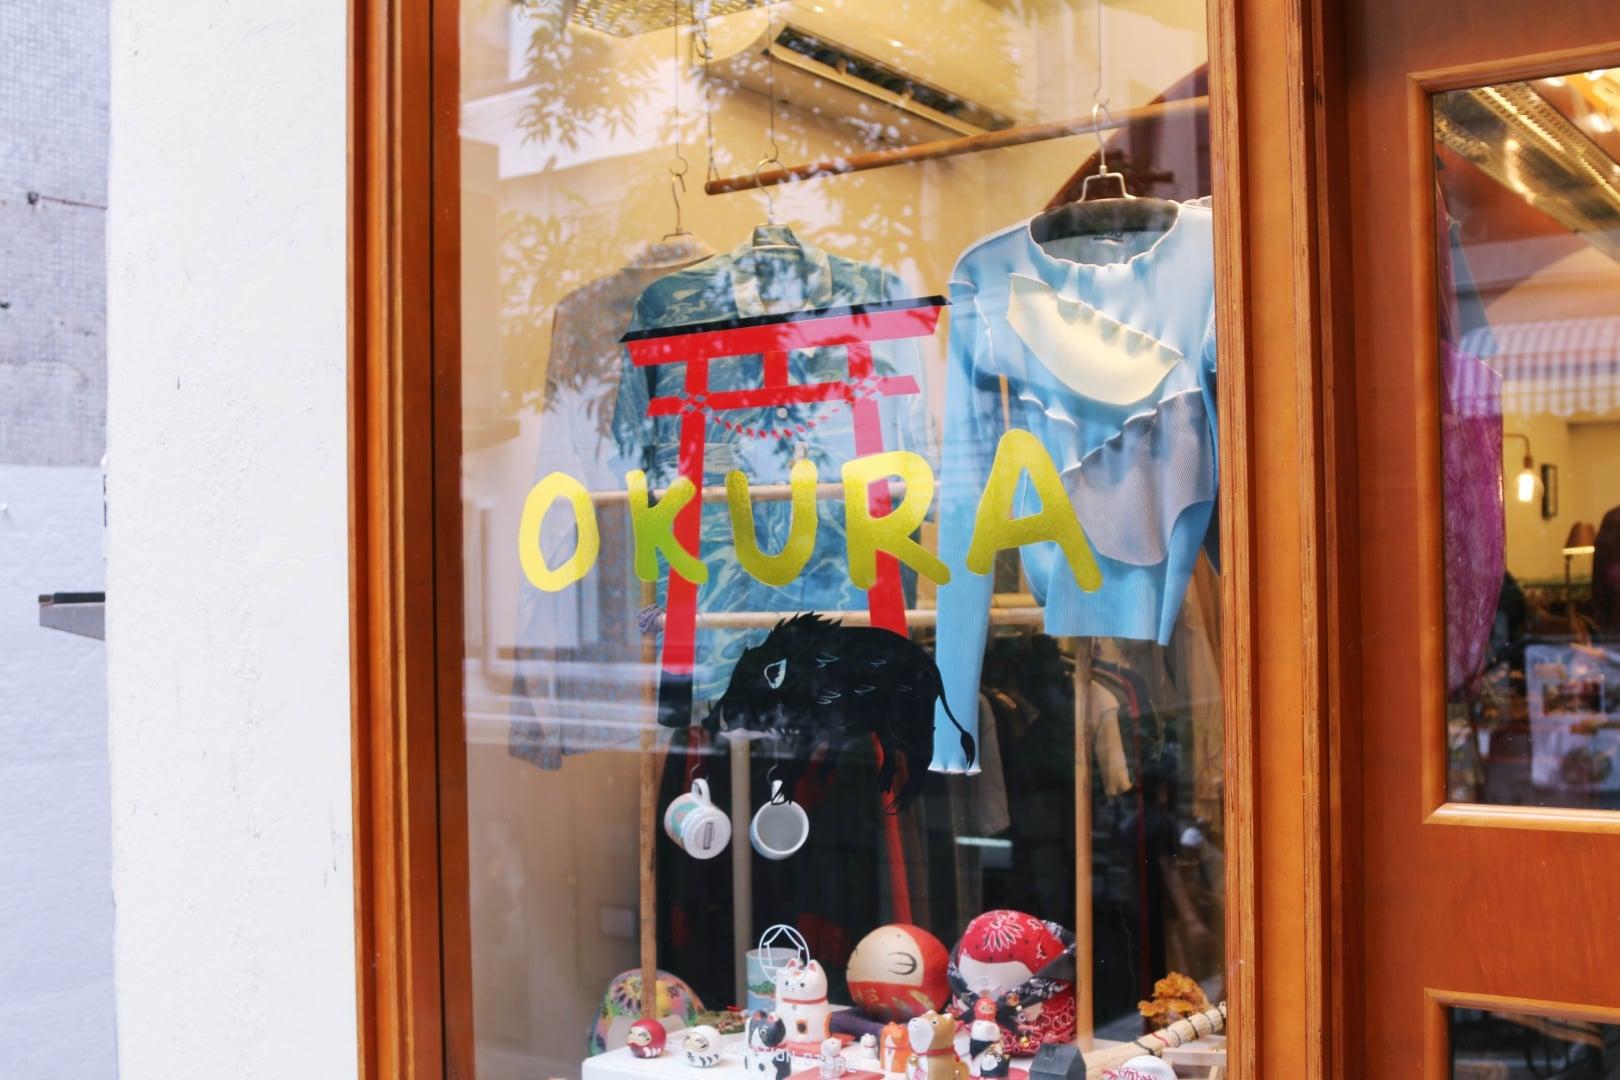 # 專訪 OKURA:執著於日常美學的追求,貫徹「愛用」理念的生活寶庫 3